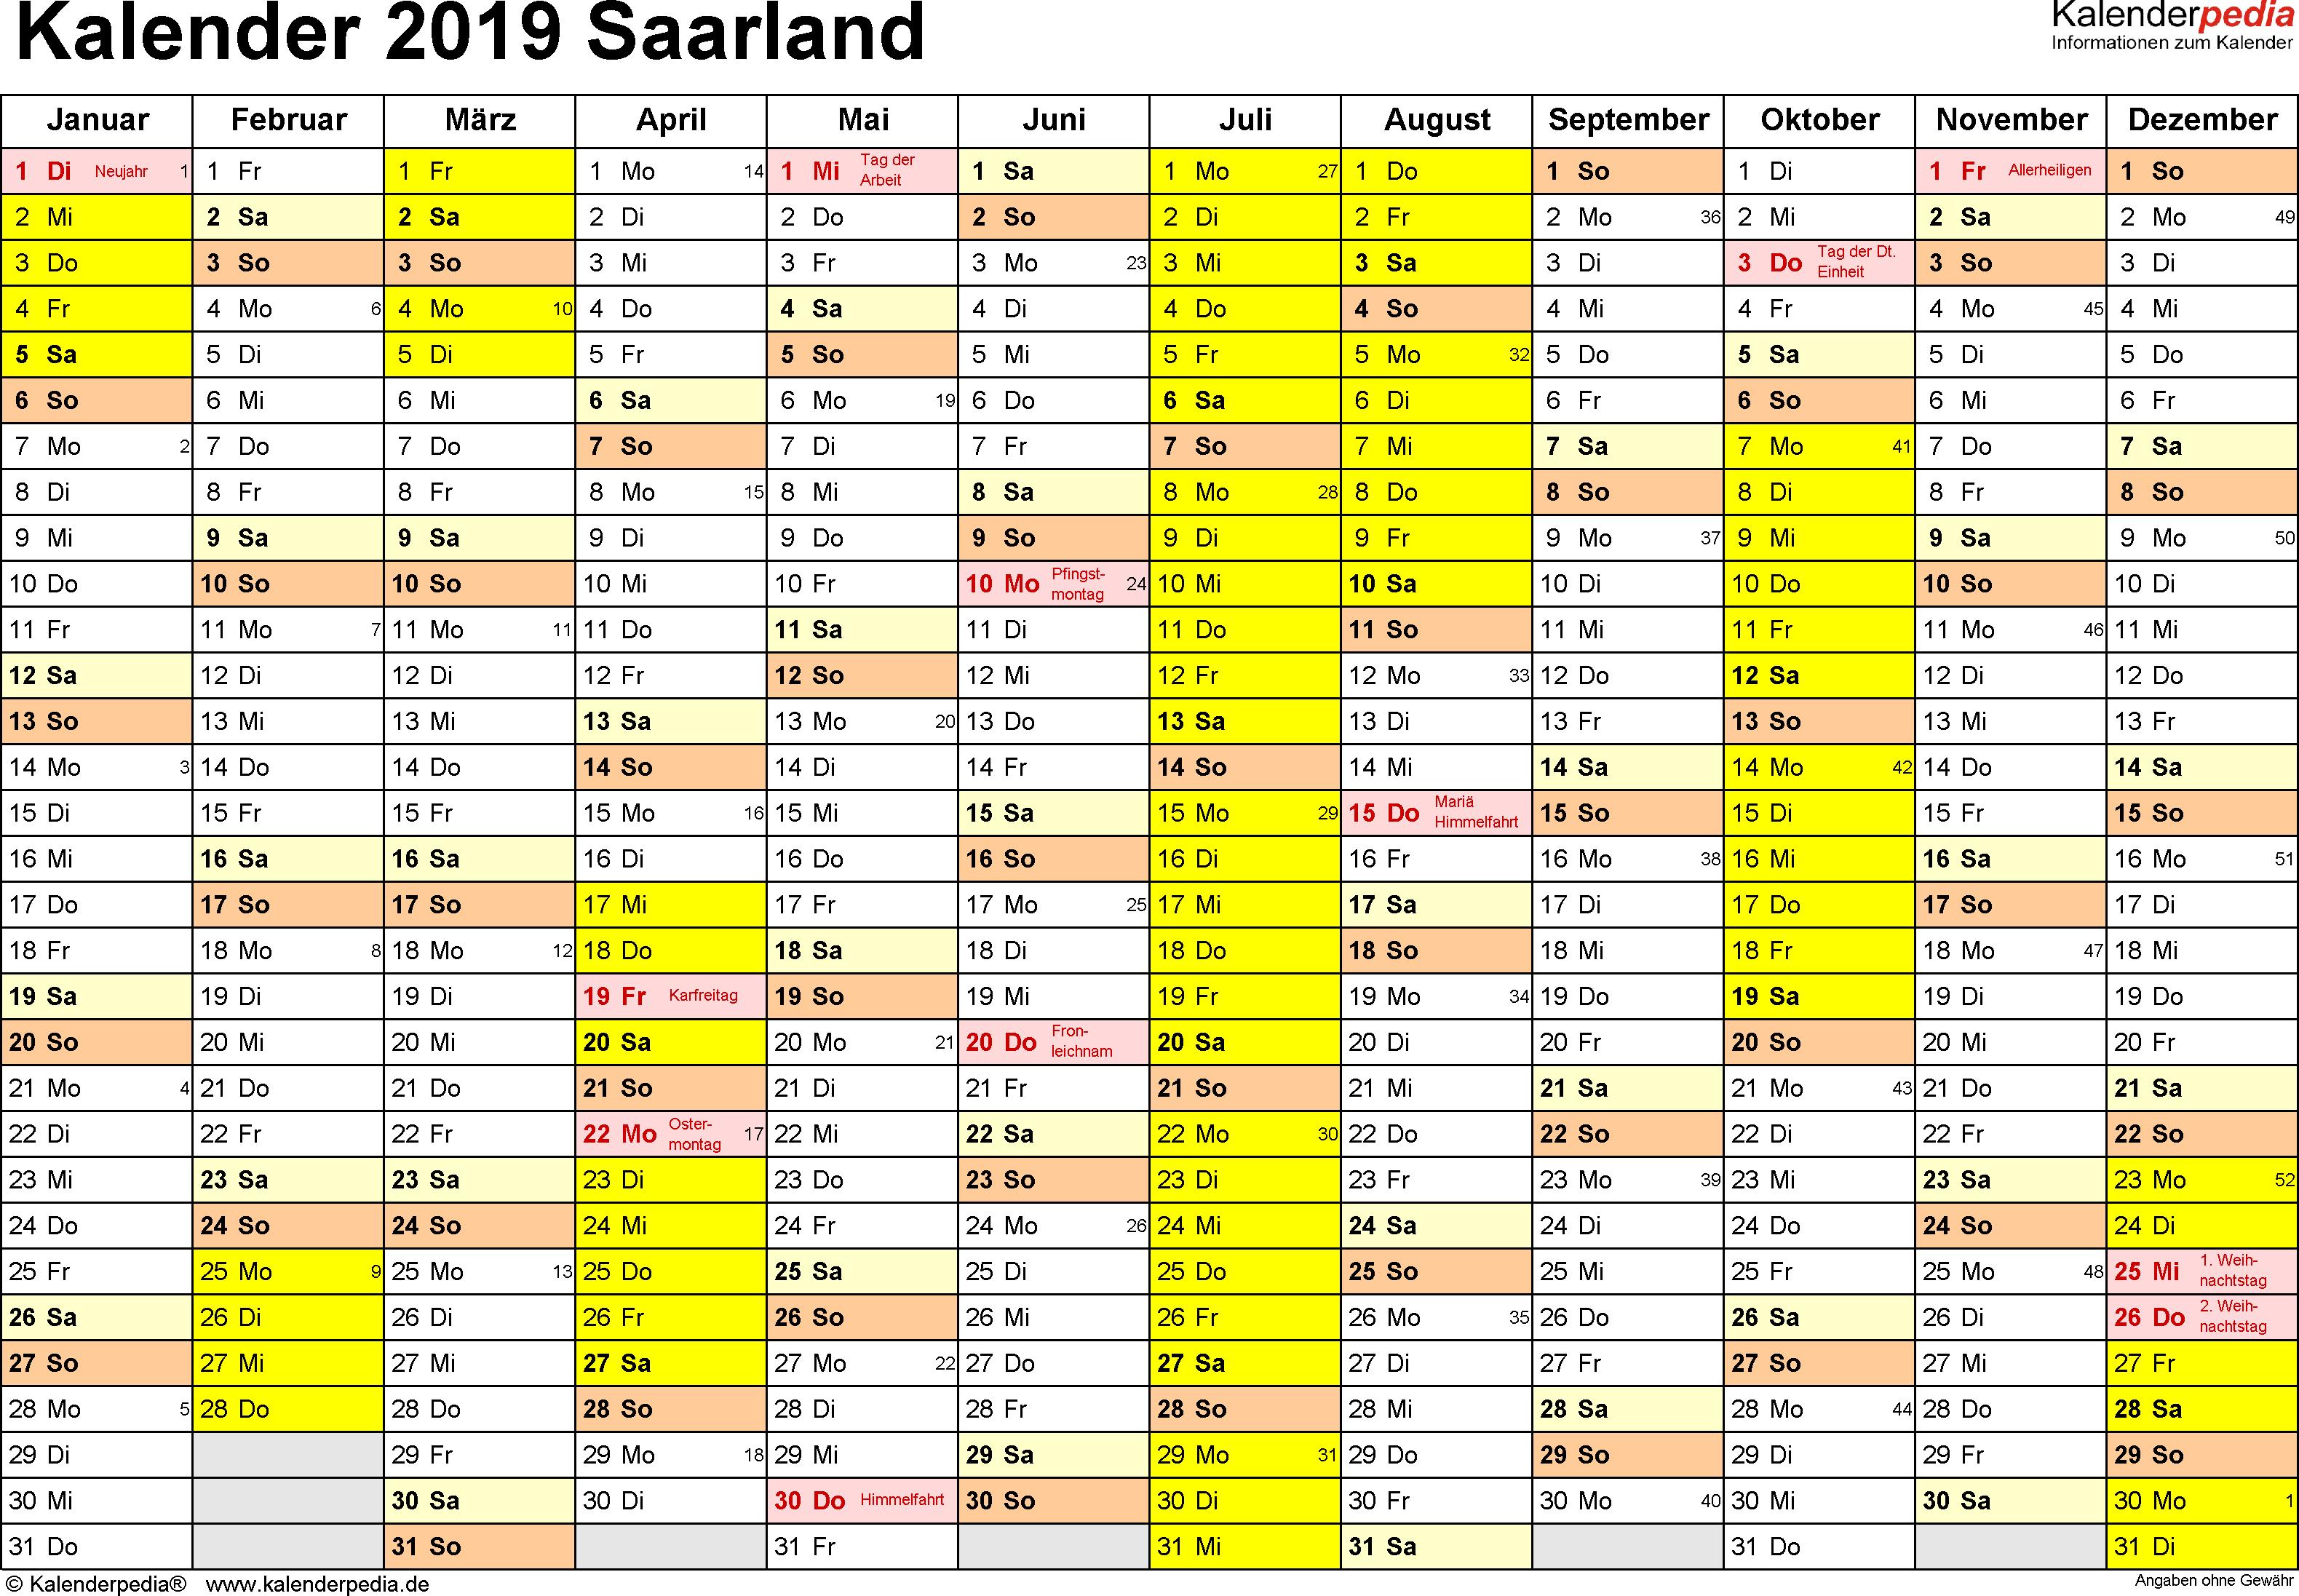 Vorlage 1: Kalender 2019 für Saarland als Excel-Vorlage (Querformat, 1 Seite)